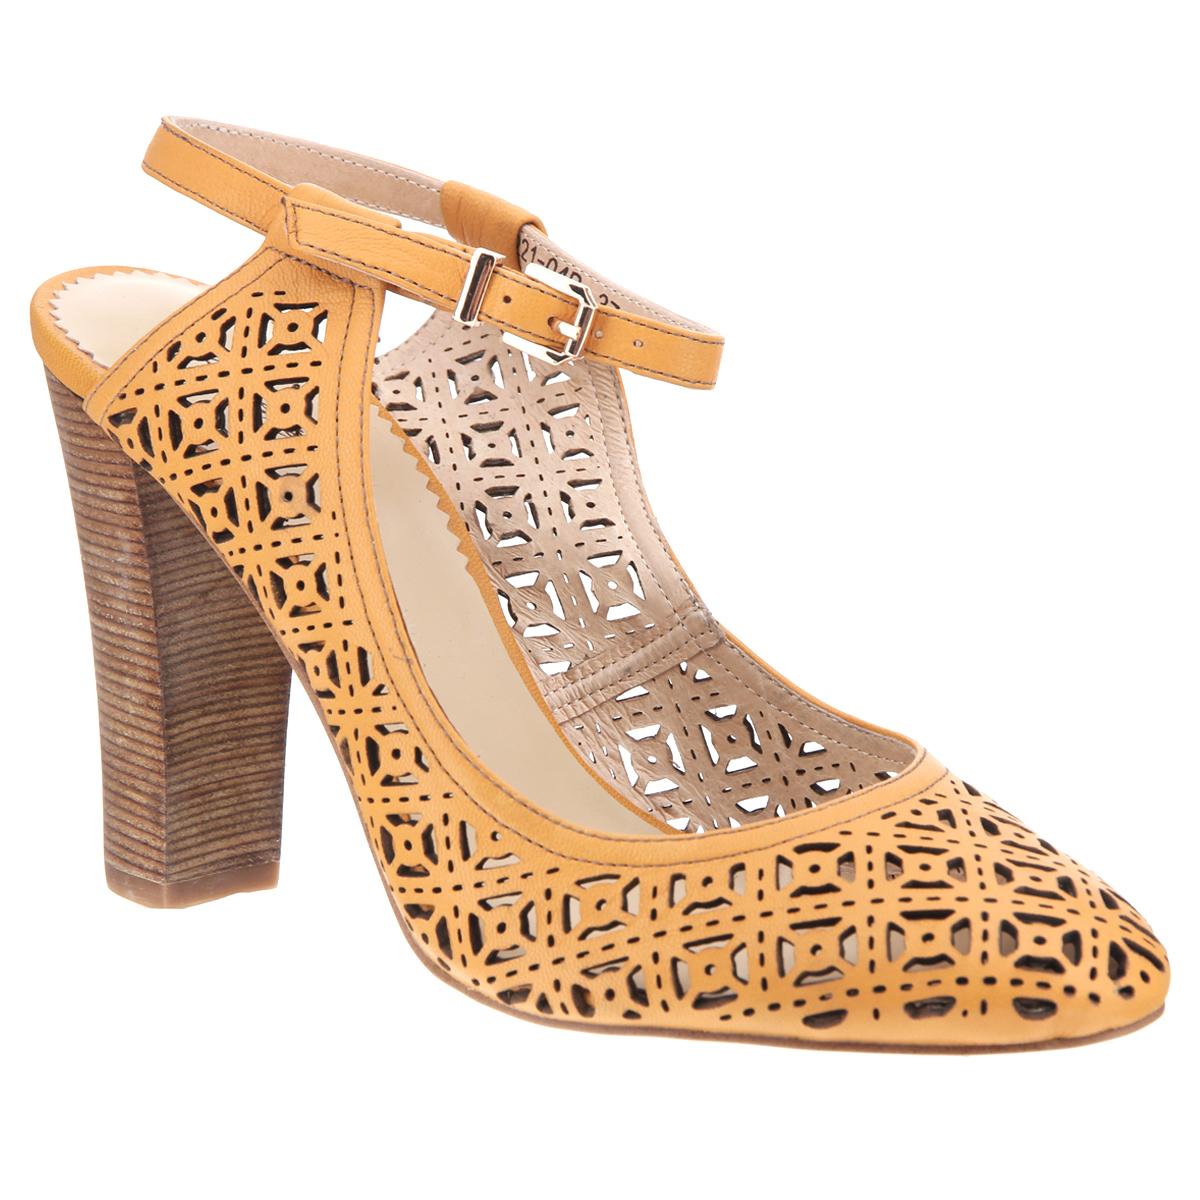 Туфли женские. X221-04BX221-04BЯркие женские туфли на каблуке от Lisette прекрасно подчеркнут ваш стиль. Верх модели и внутренняя часть выполнены из натуральной кожи. Стелька из натуральной кожи гарантирует комфорт и удобство при ходьбе. Пятка открытая. Ремешок с металлической пряжкой вокруг щиколотки надежно фиксирует модель на ноге. Оформлено изделие перфорацией. Подошва выполнена из прочной резины с противоскользящим рифлением. Устойчивый широкий каблук оформлен декоративной отделкой. Такие туфли станут прекрасным дополнением вашего гардероба. Они сделают вас ярче и подчеркнут вашу индивидуальность.